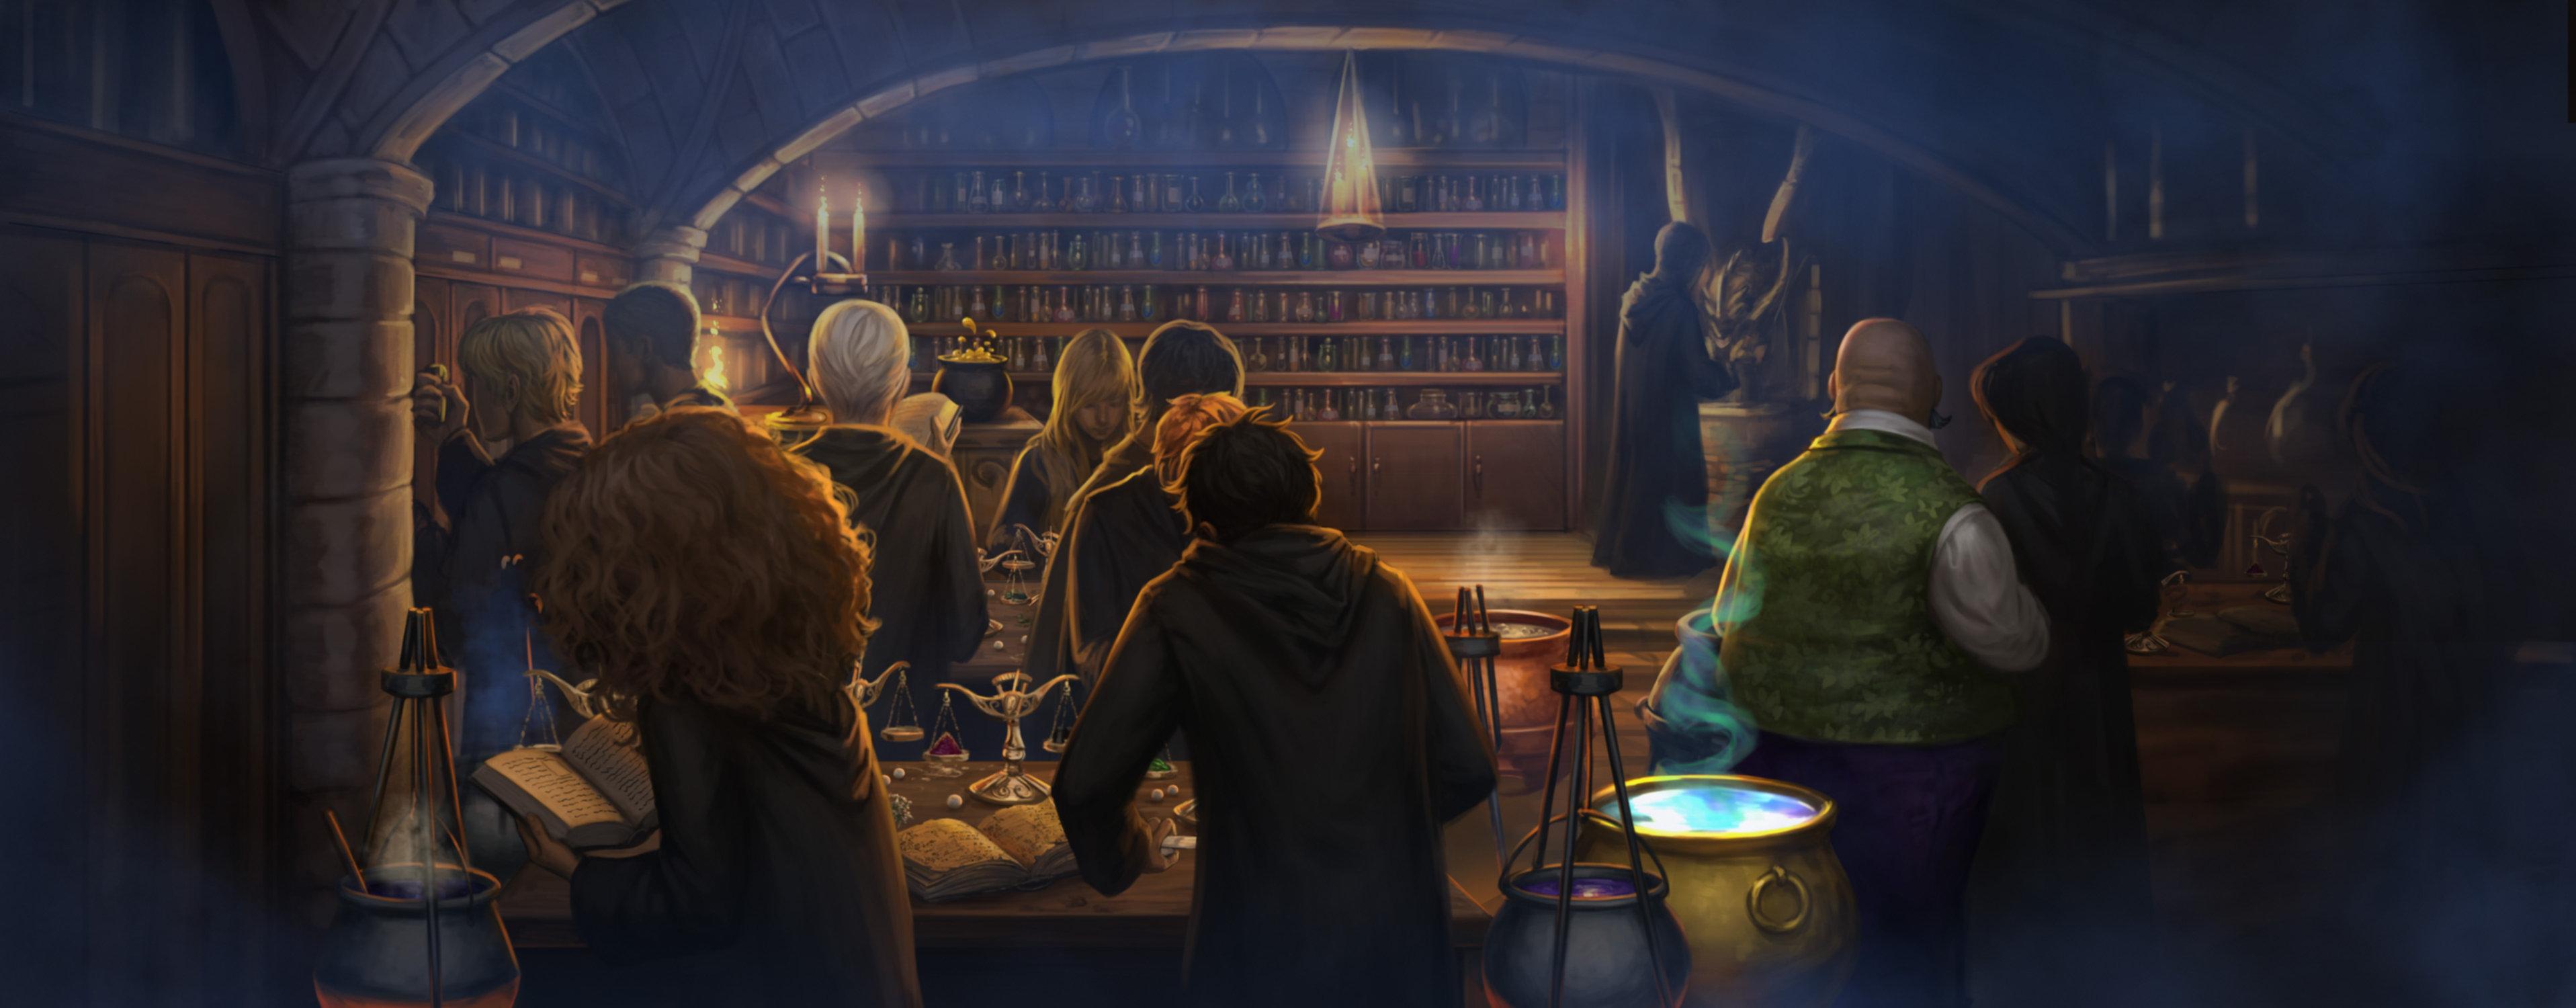 Αρχείο:Slughorn pottermore.jpg